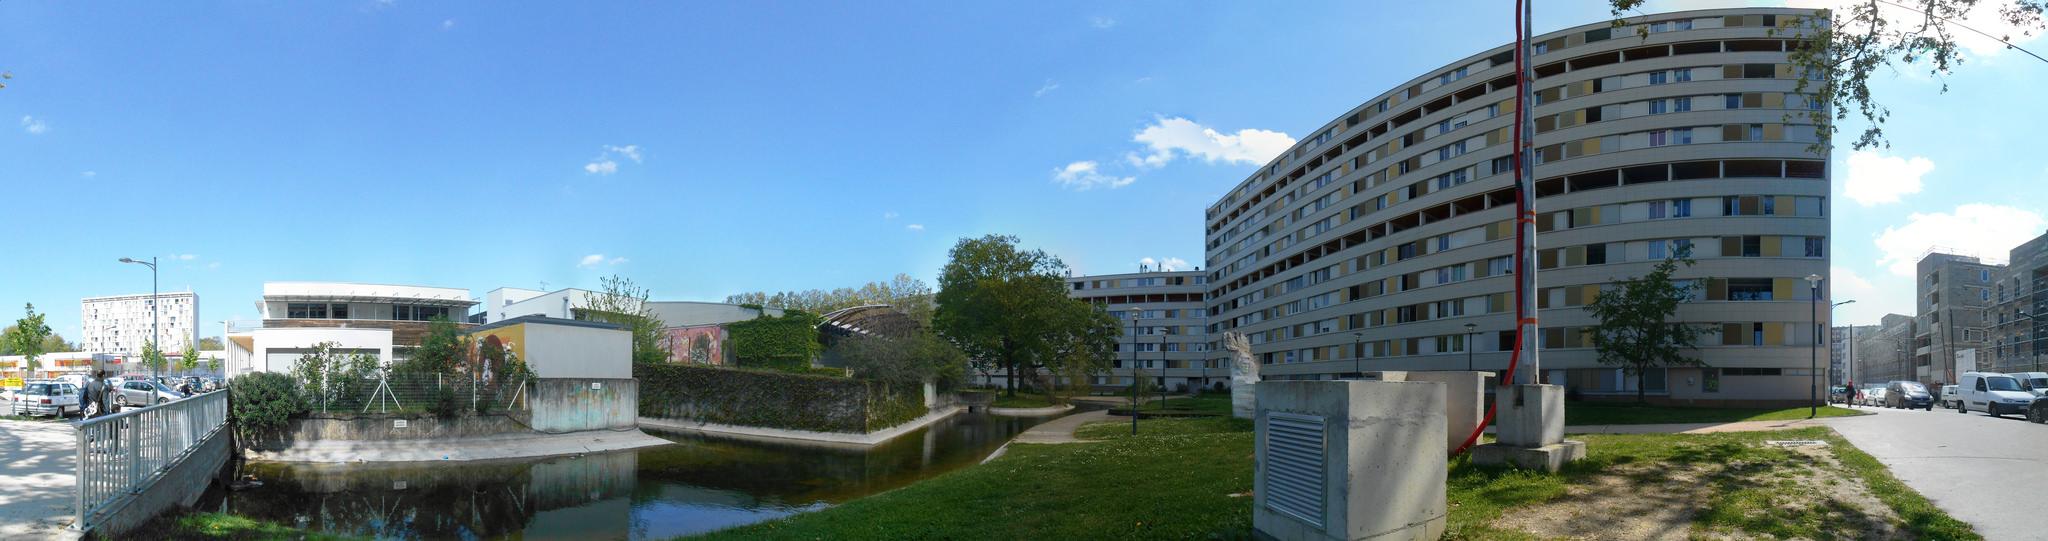 Rue Paul Gauguin vue arrière Alban Minville